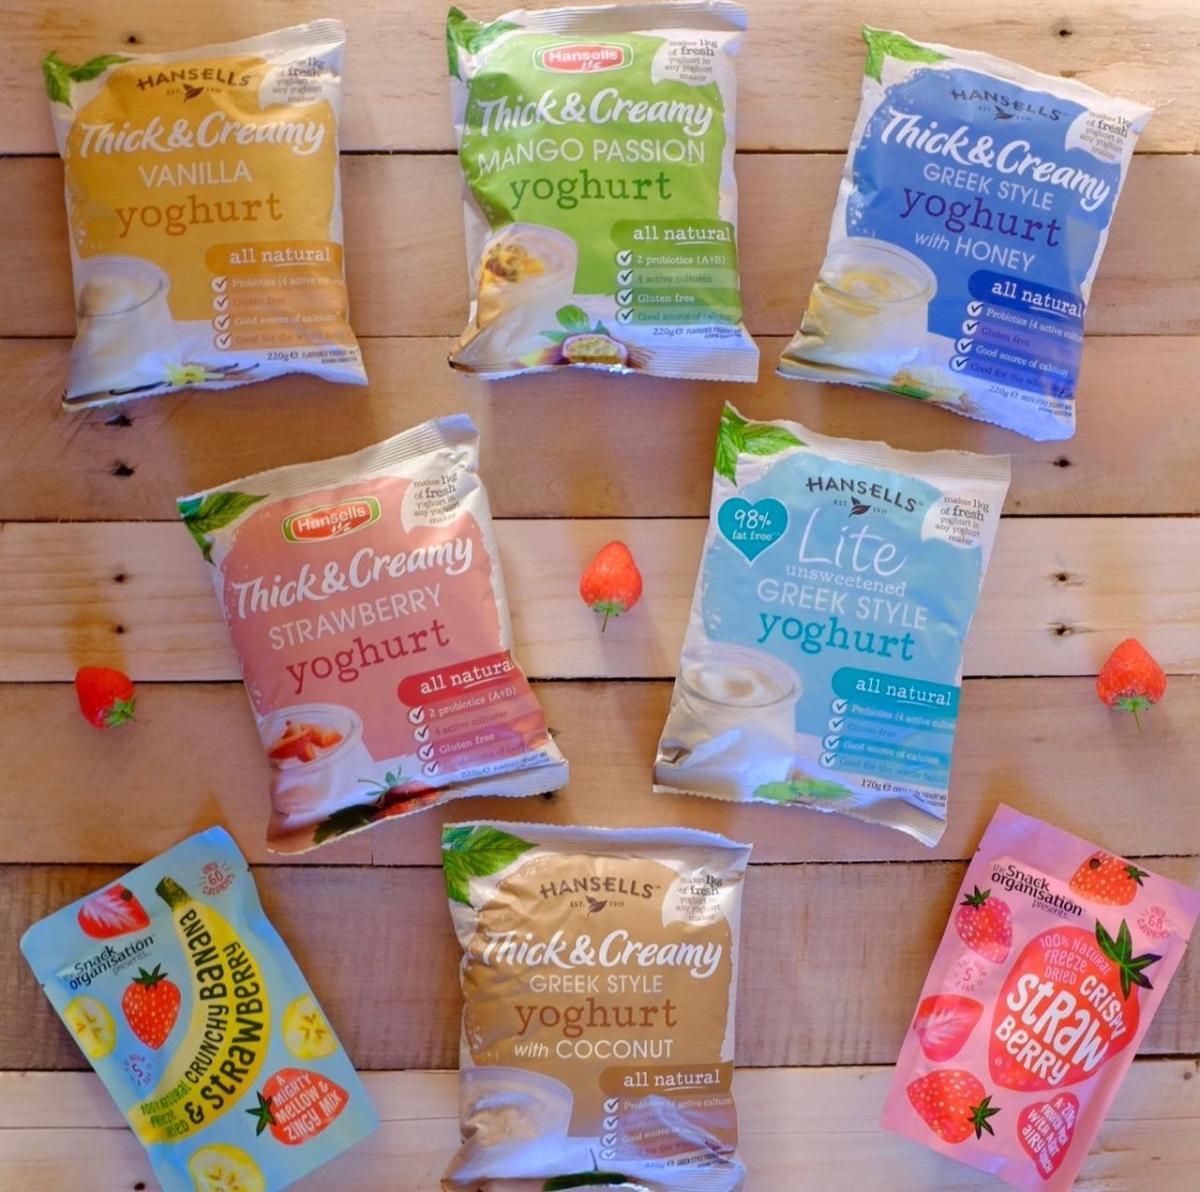 Hansell yoghurt packs